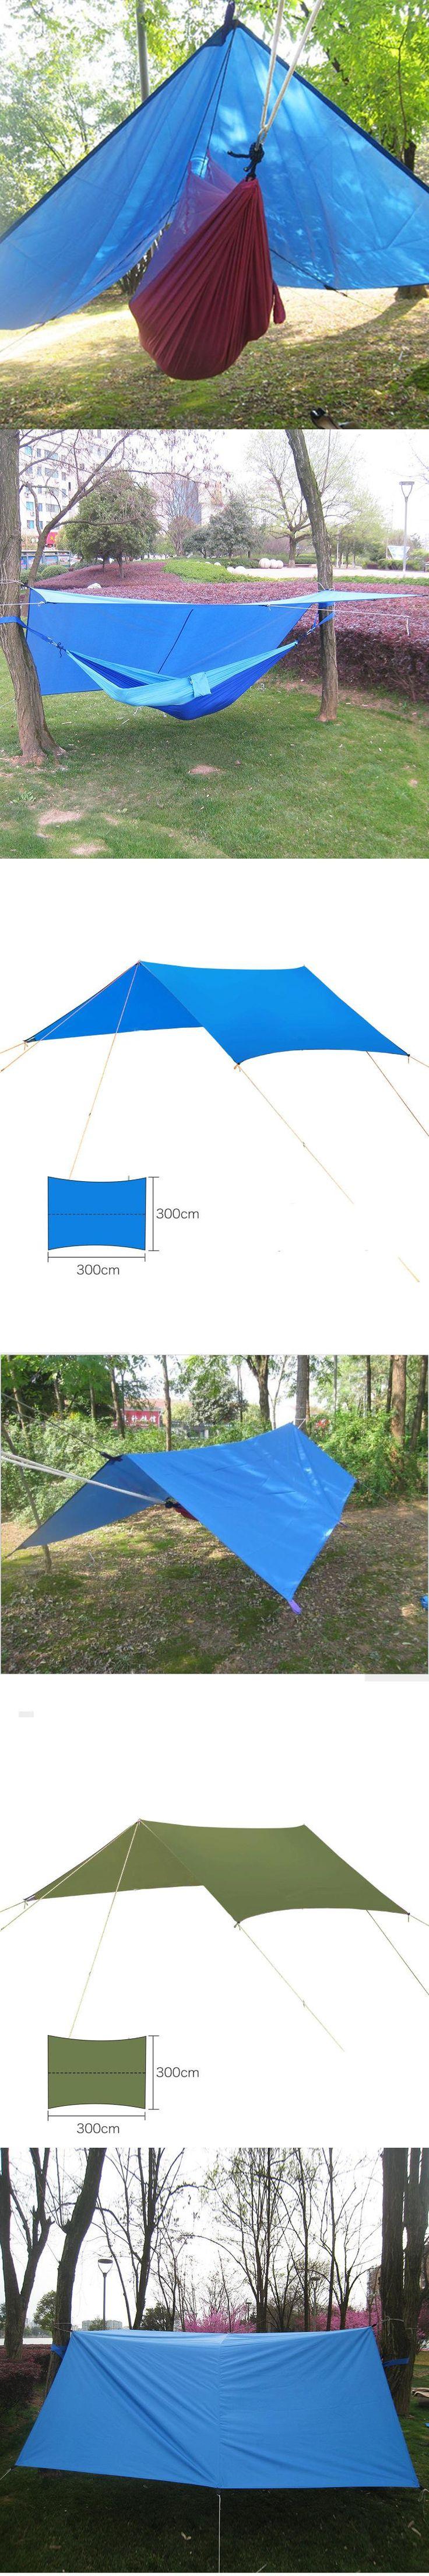 566bae2dfd24ce77ab2c529d91712bb7 Impressionnant De Parasol Rectangulaire Inclinable Concept